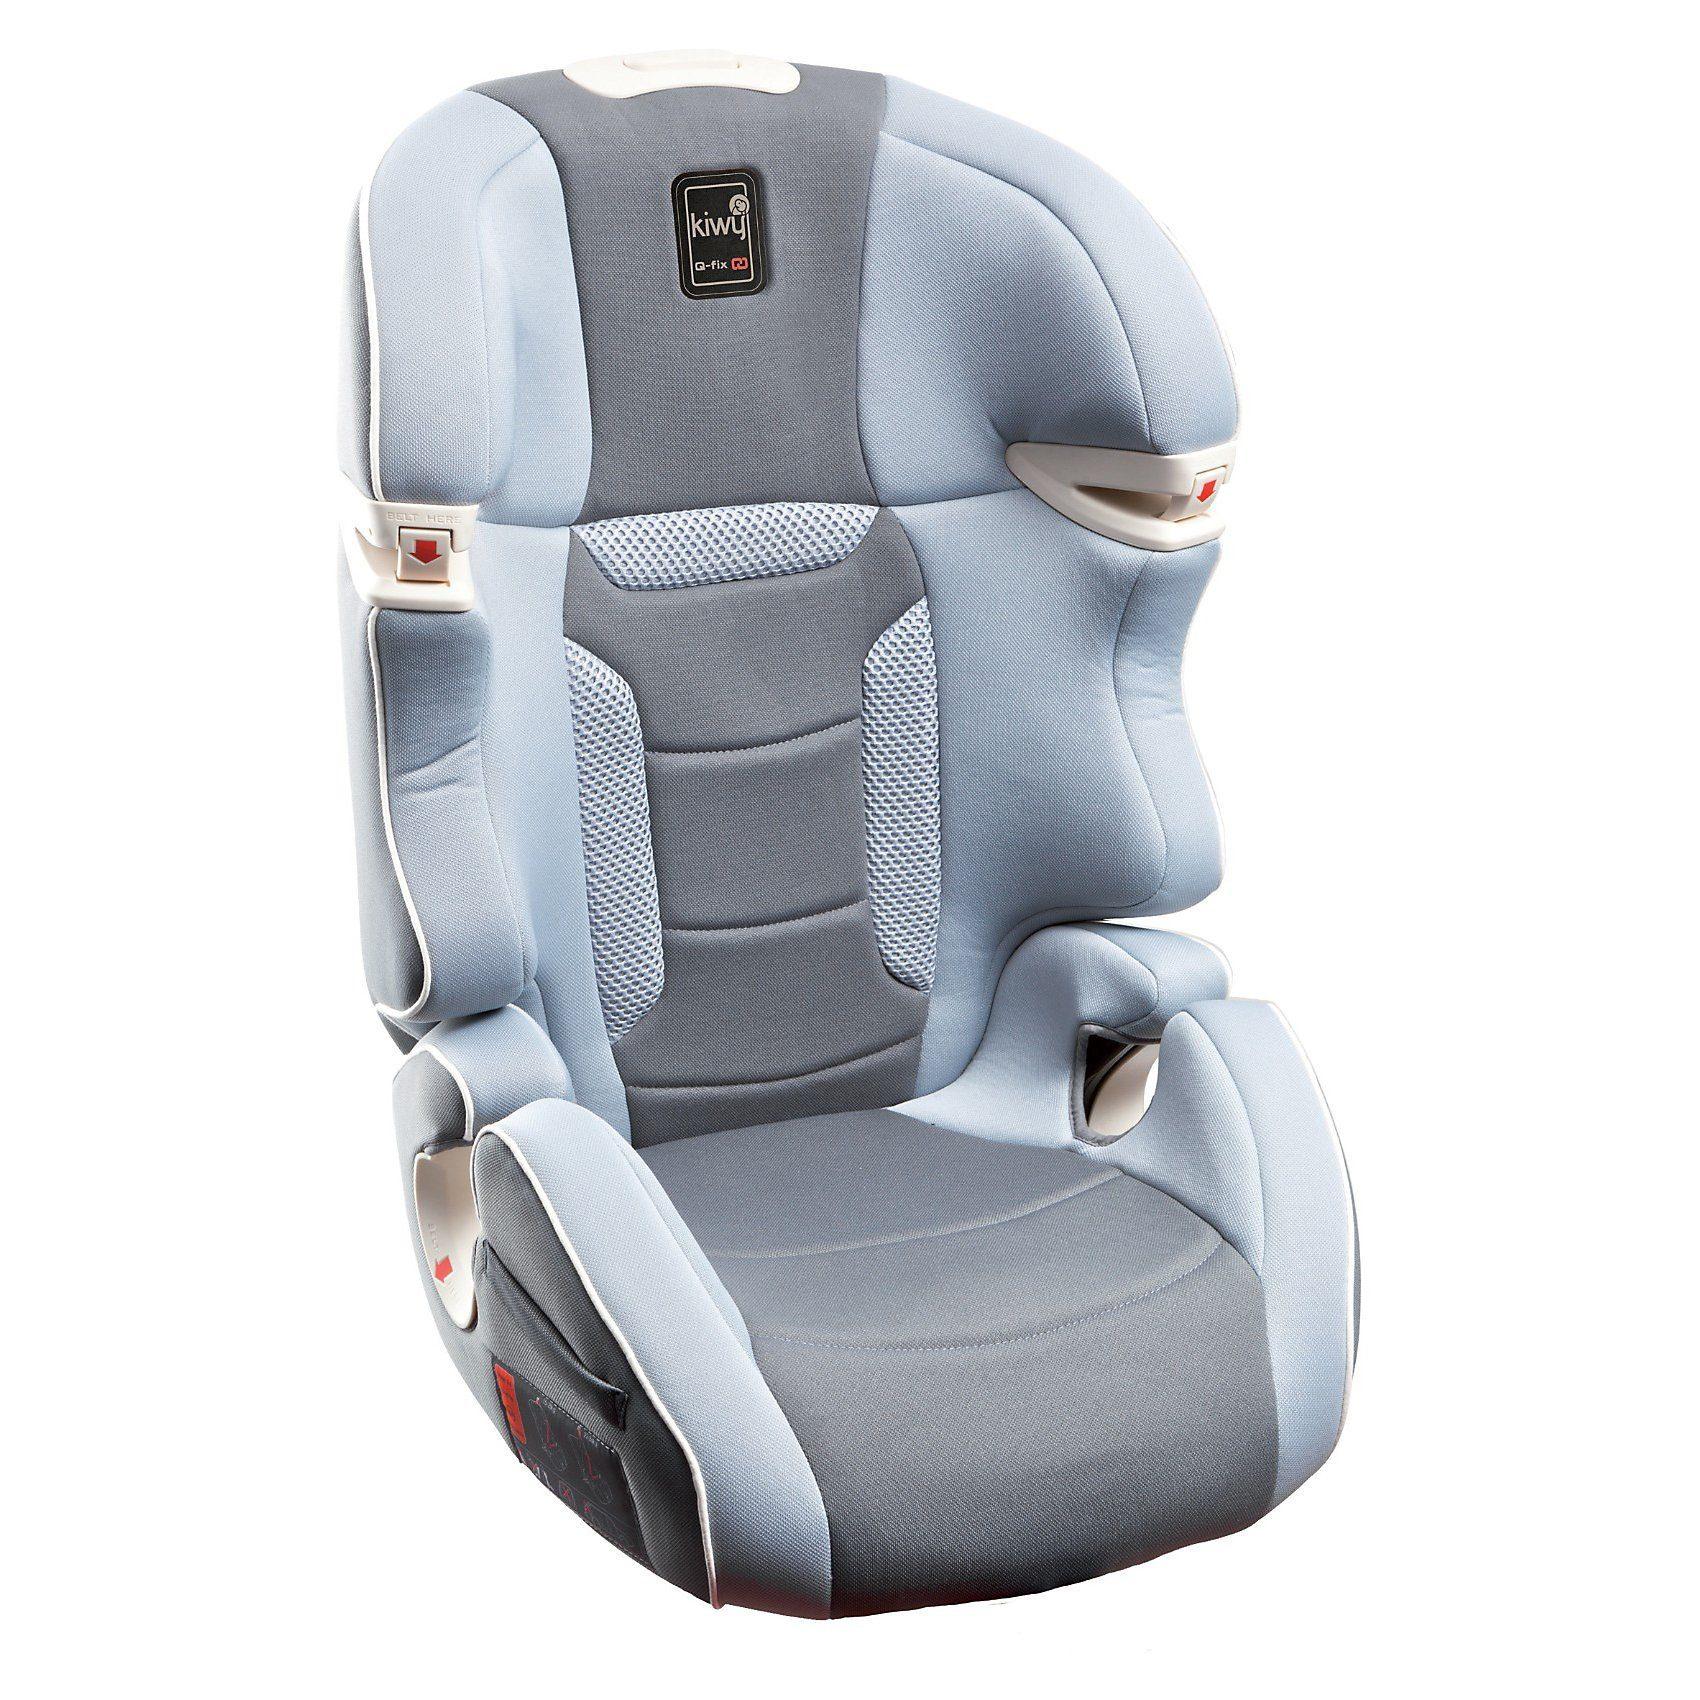 Kiwy Auto-Kindersitz SLF23 Q-Fix, Stone, 2016